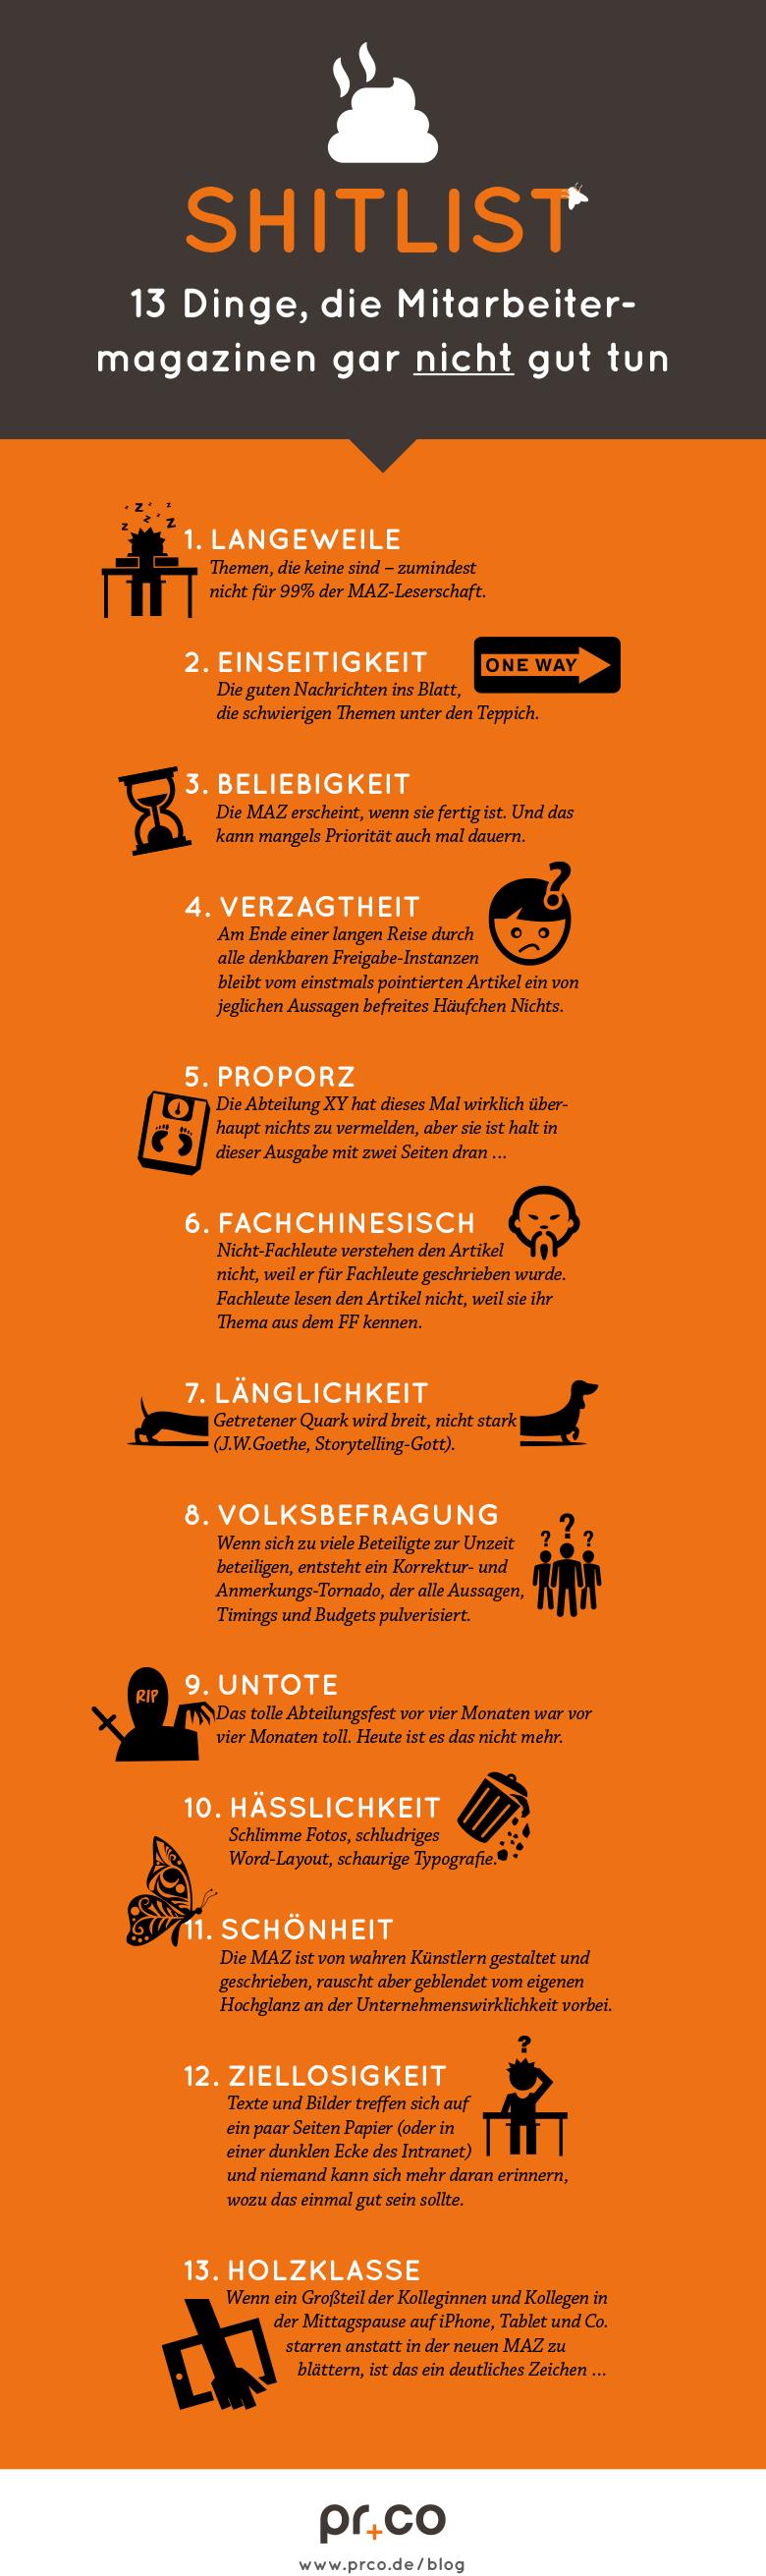 prco-mitarbeitermagazin-infografik-13-no-gos